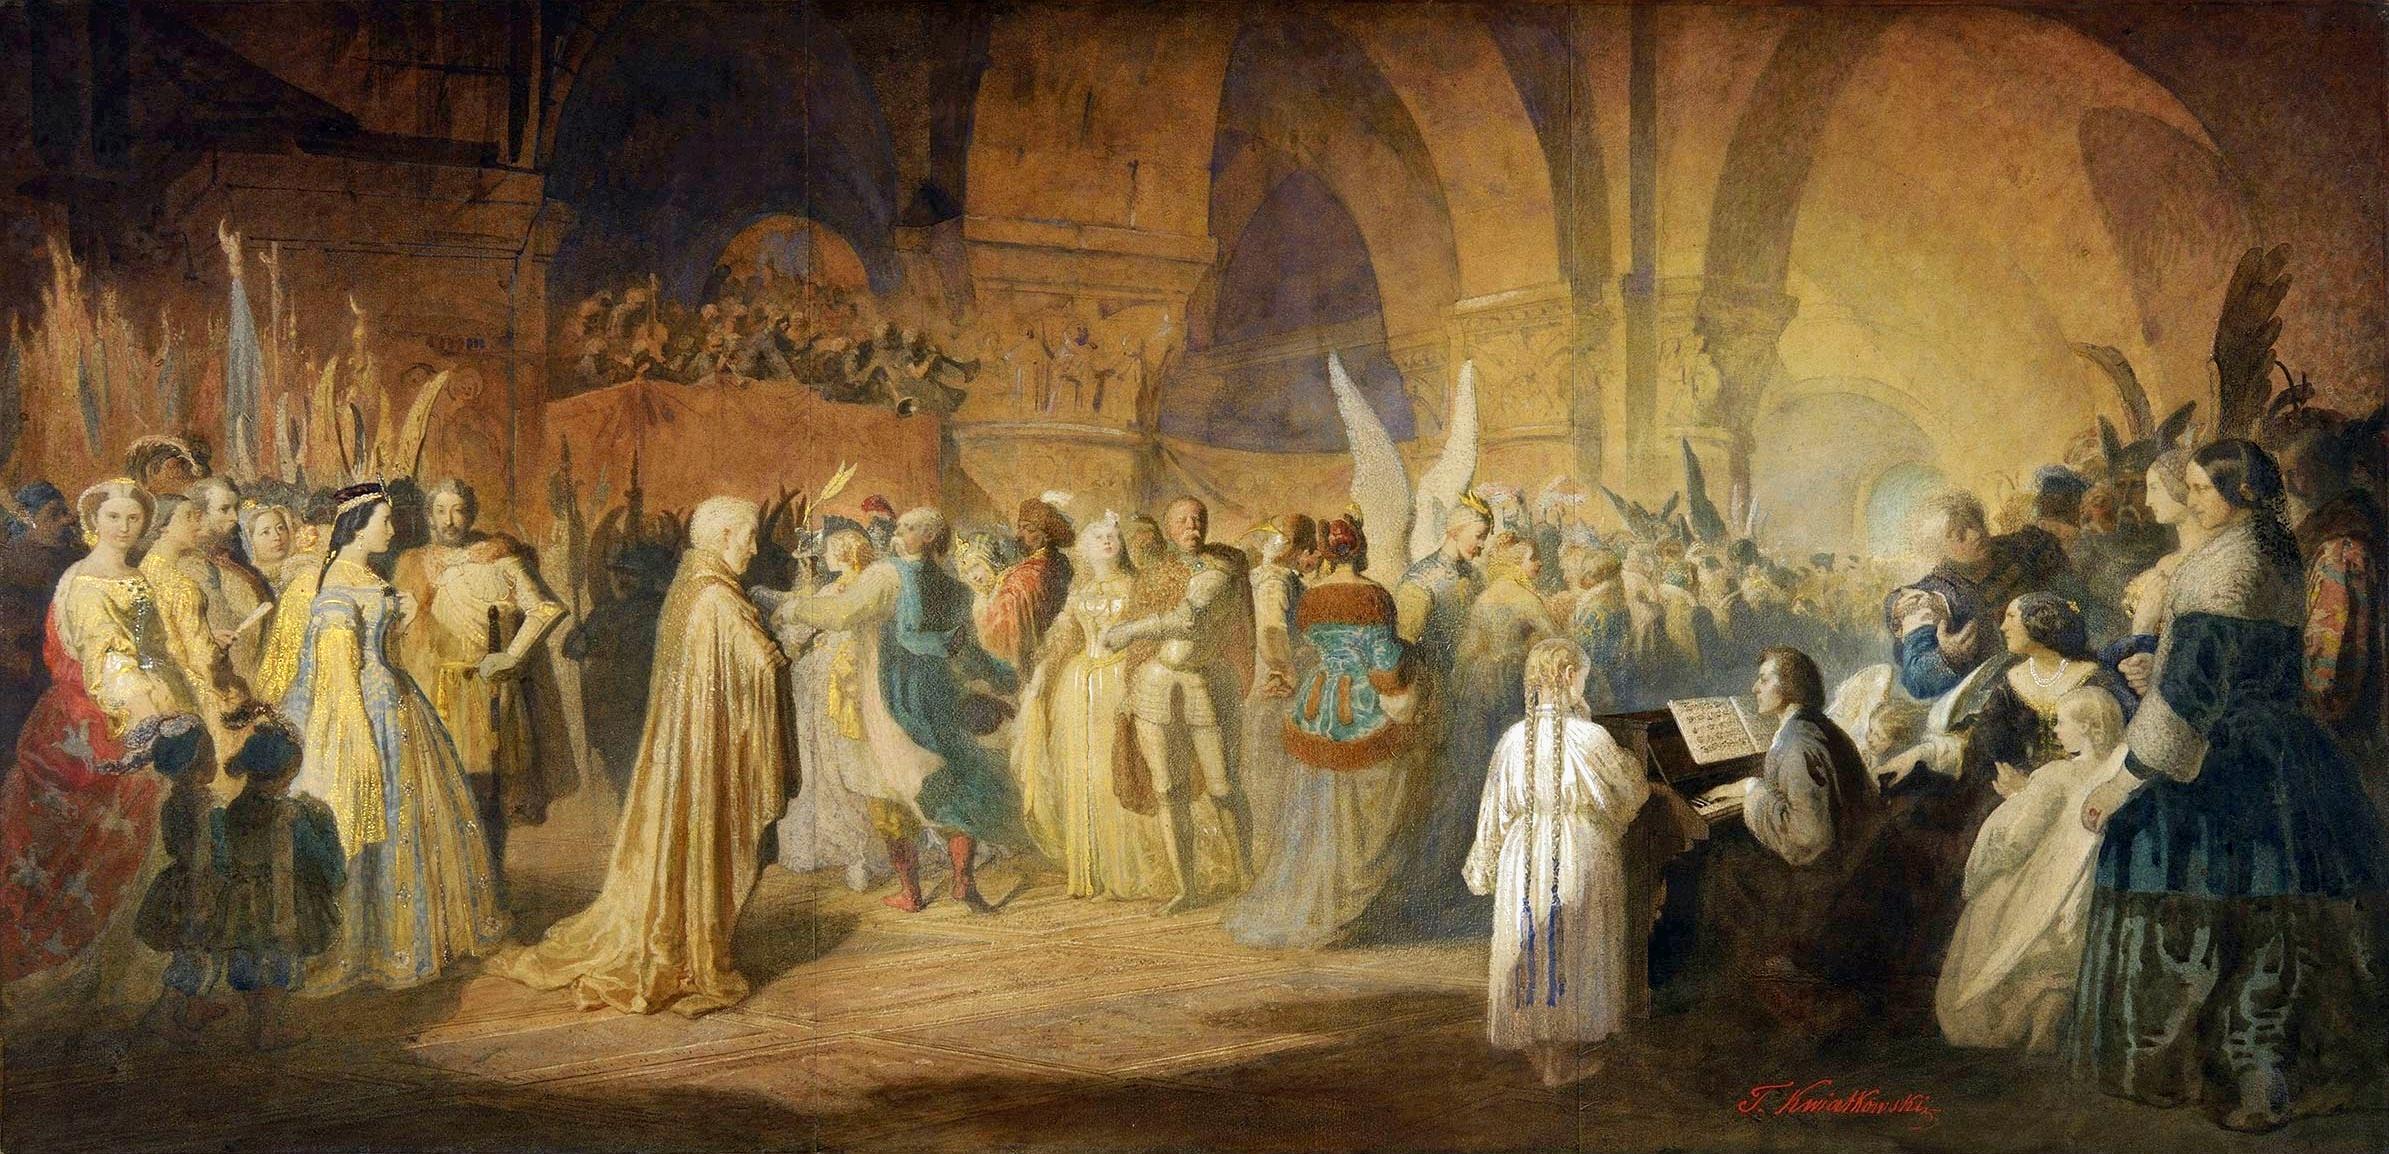 Polonesa de Chopin - un baile en el Hôtel Lambert de París, aguada y gouache, 1849-1860, pintado por Teofil Kwiatkowski, Museo Nacional de Poznań.